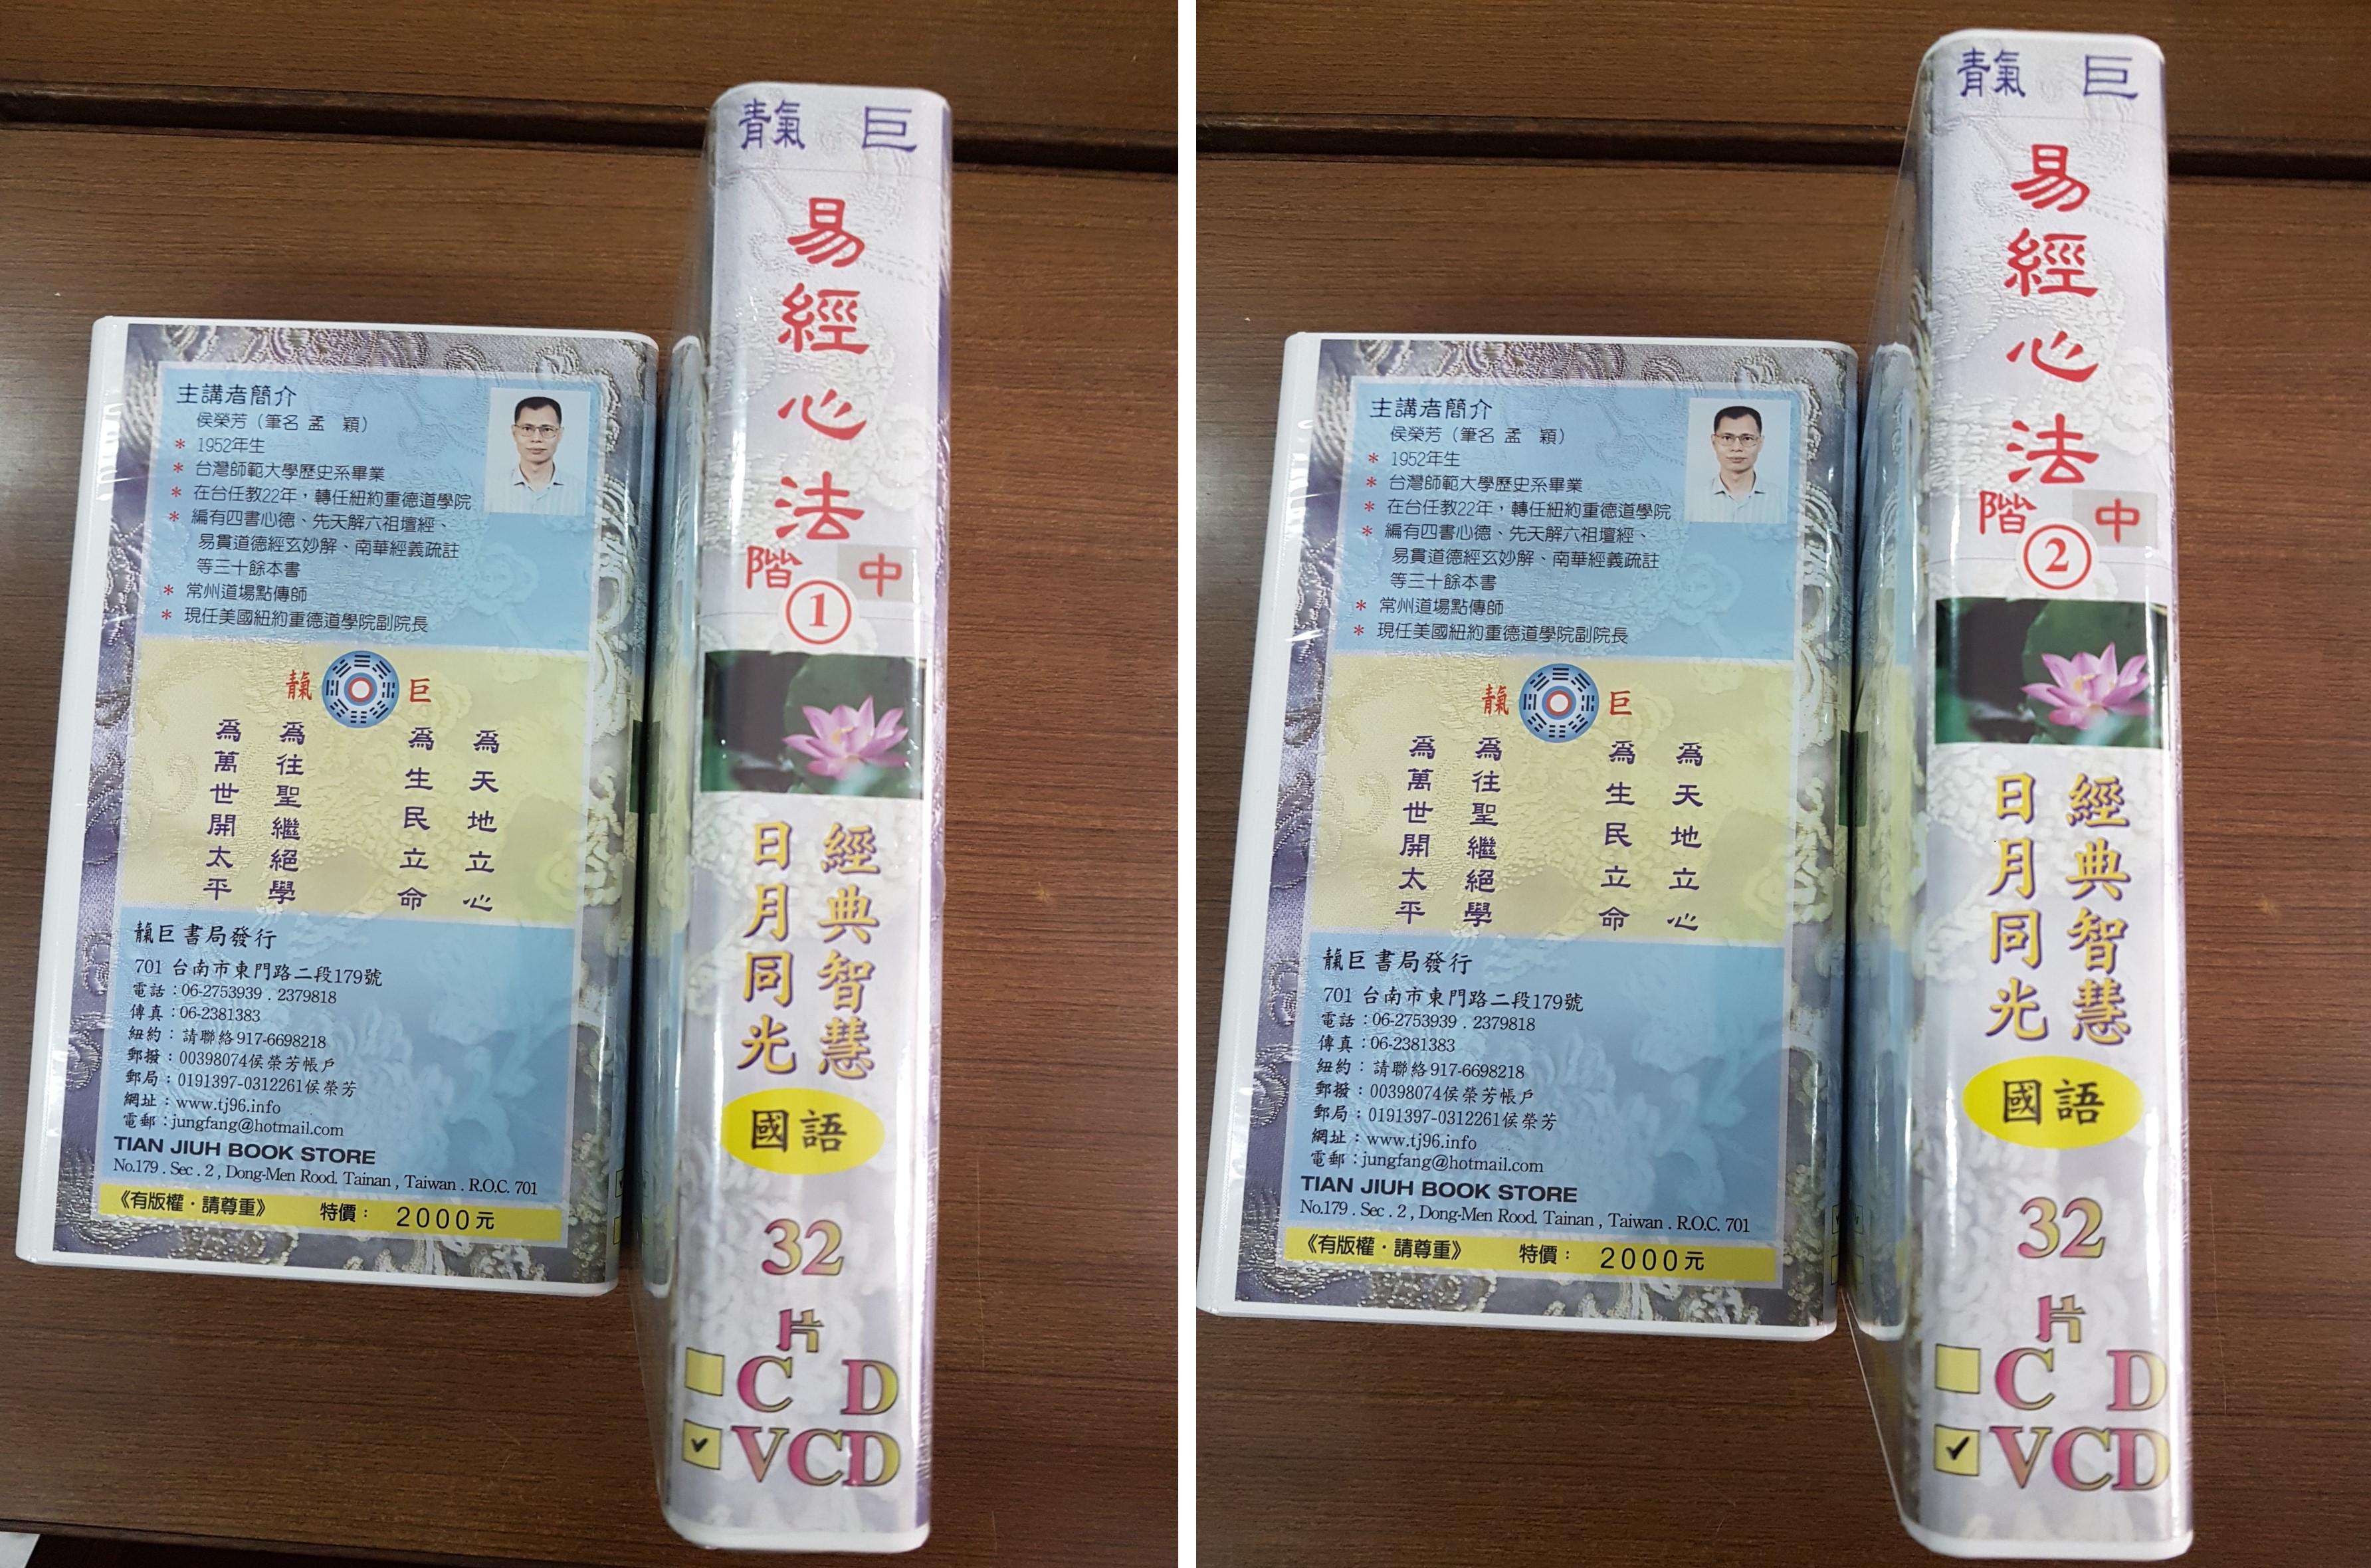 易經心法(中階)國語 CD 64片 (R02-1)